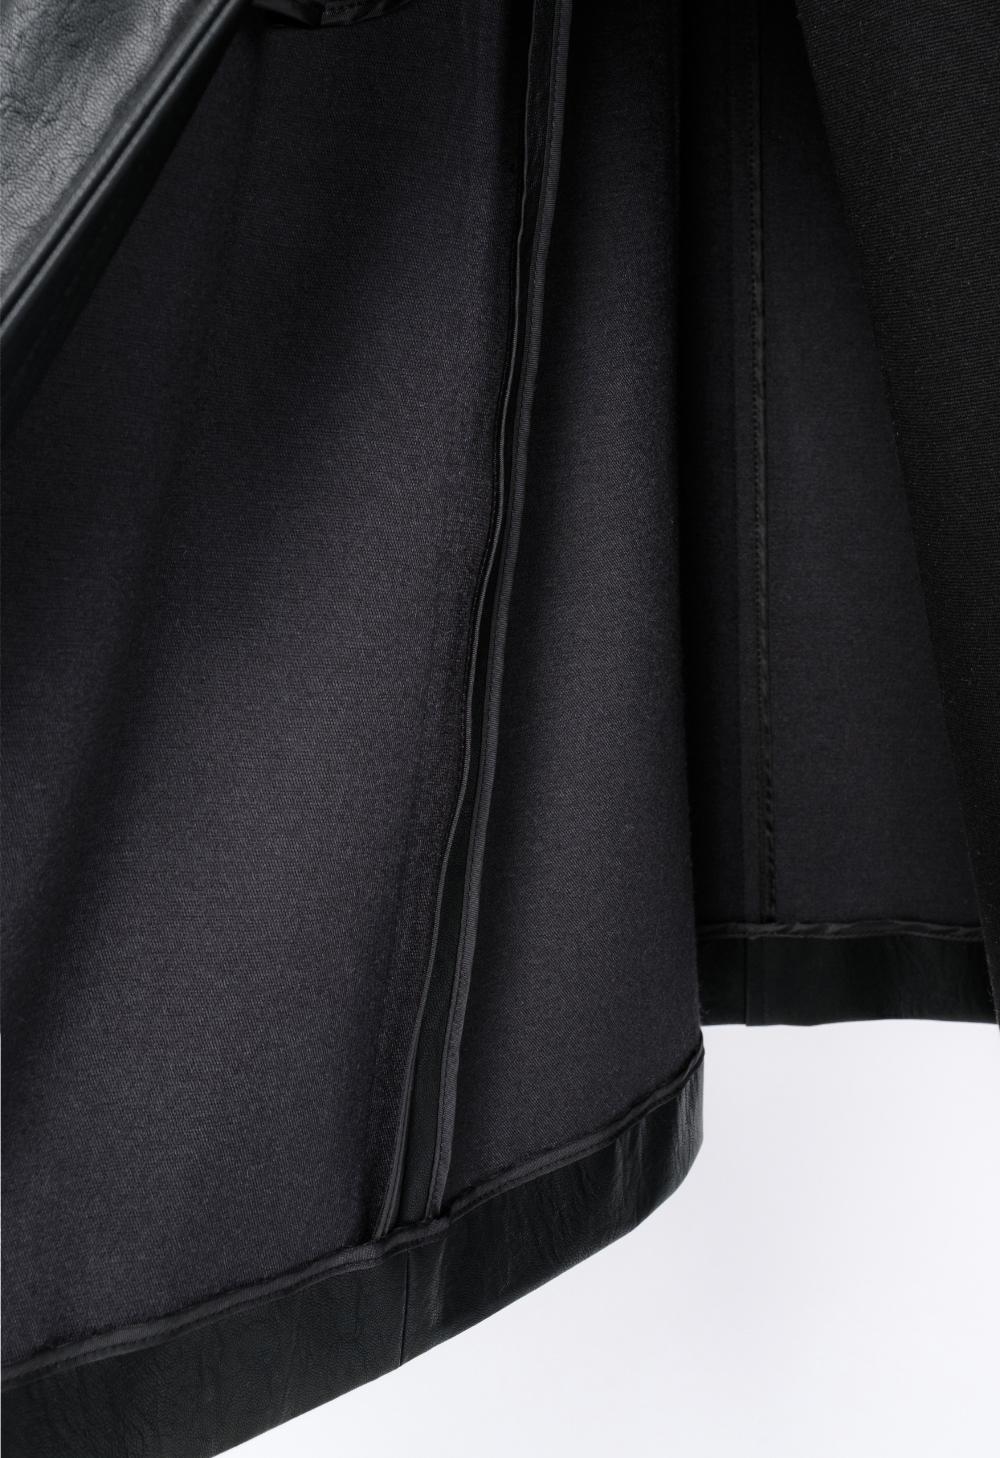 코트 모델 착용 이미지-S1L12